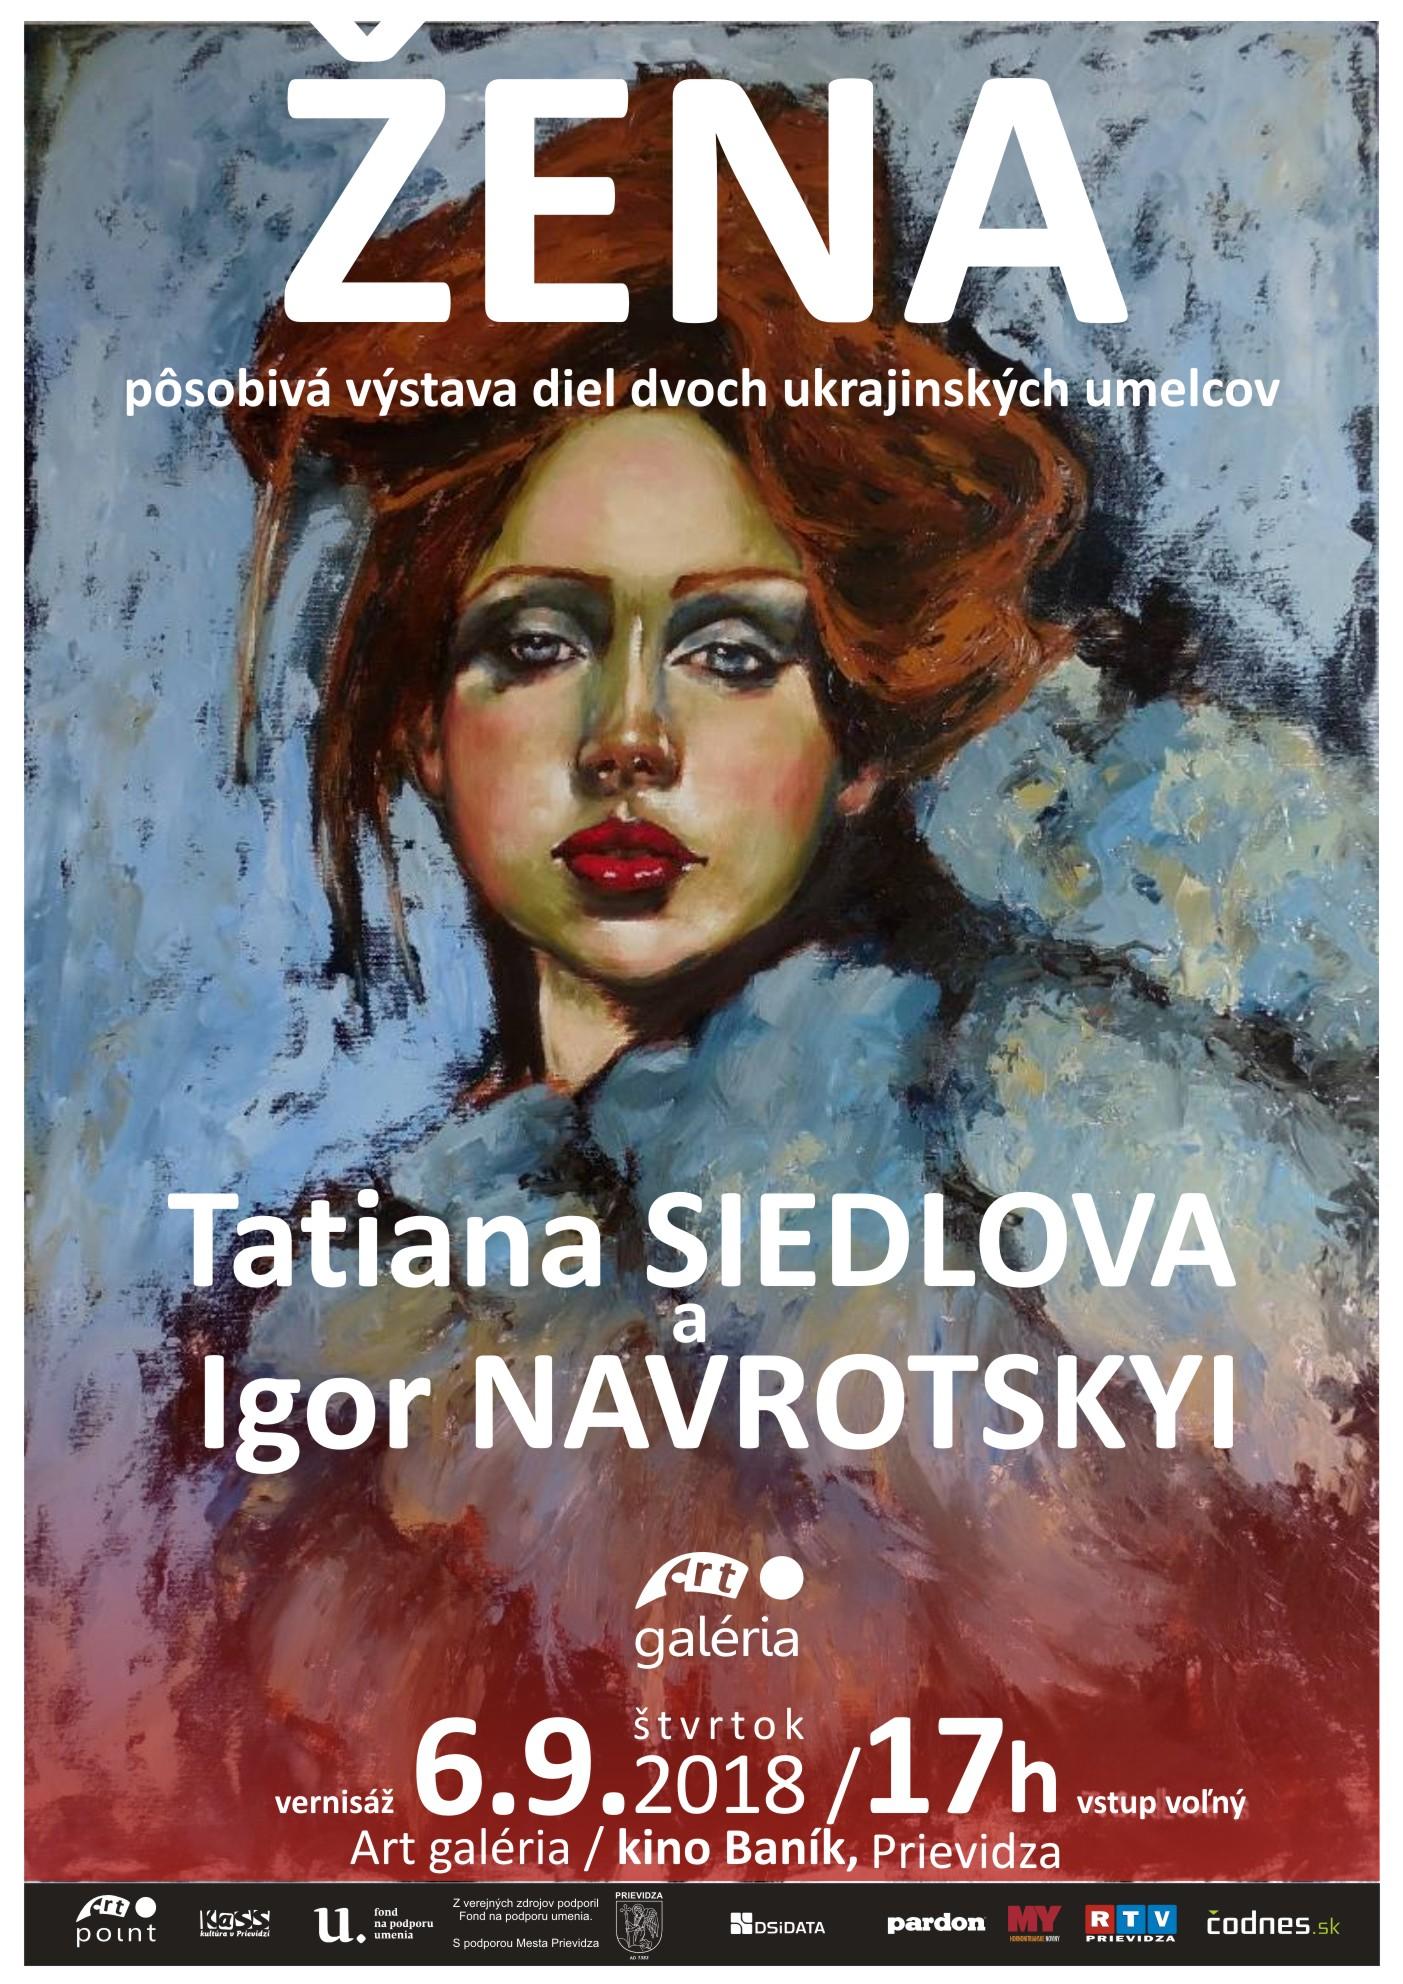 ŽENA - Tatiana Siedlová a Igor Navrotskyi